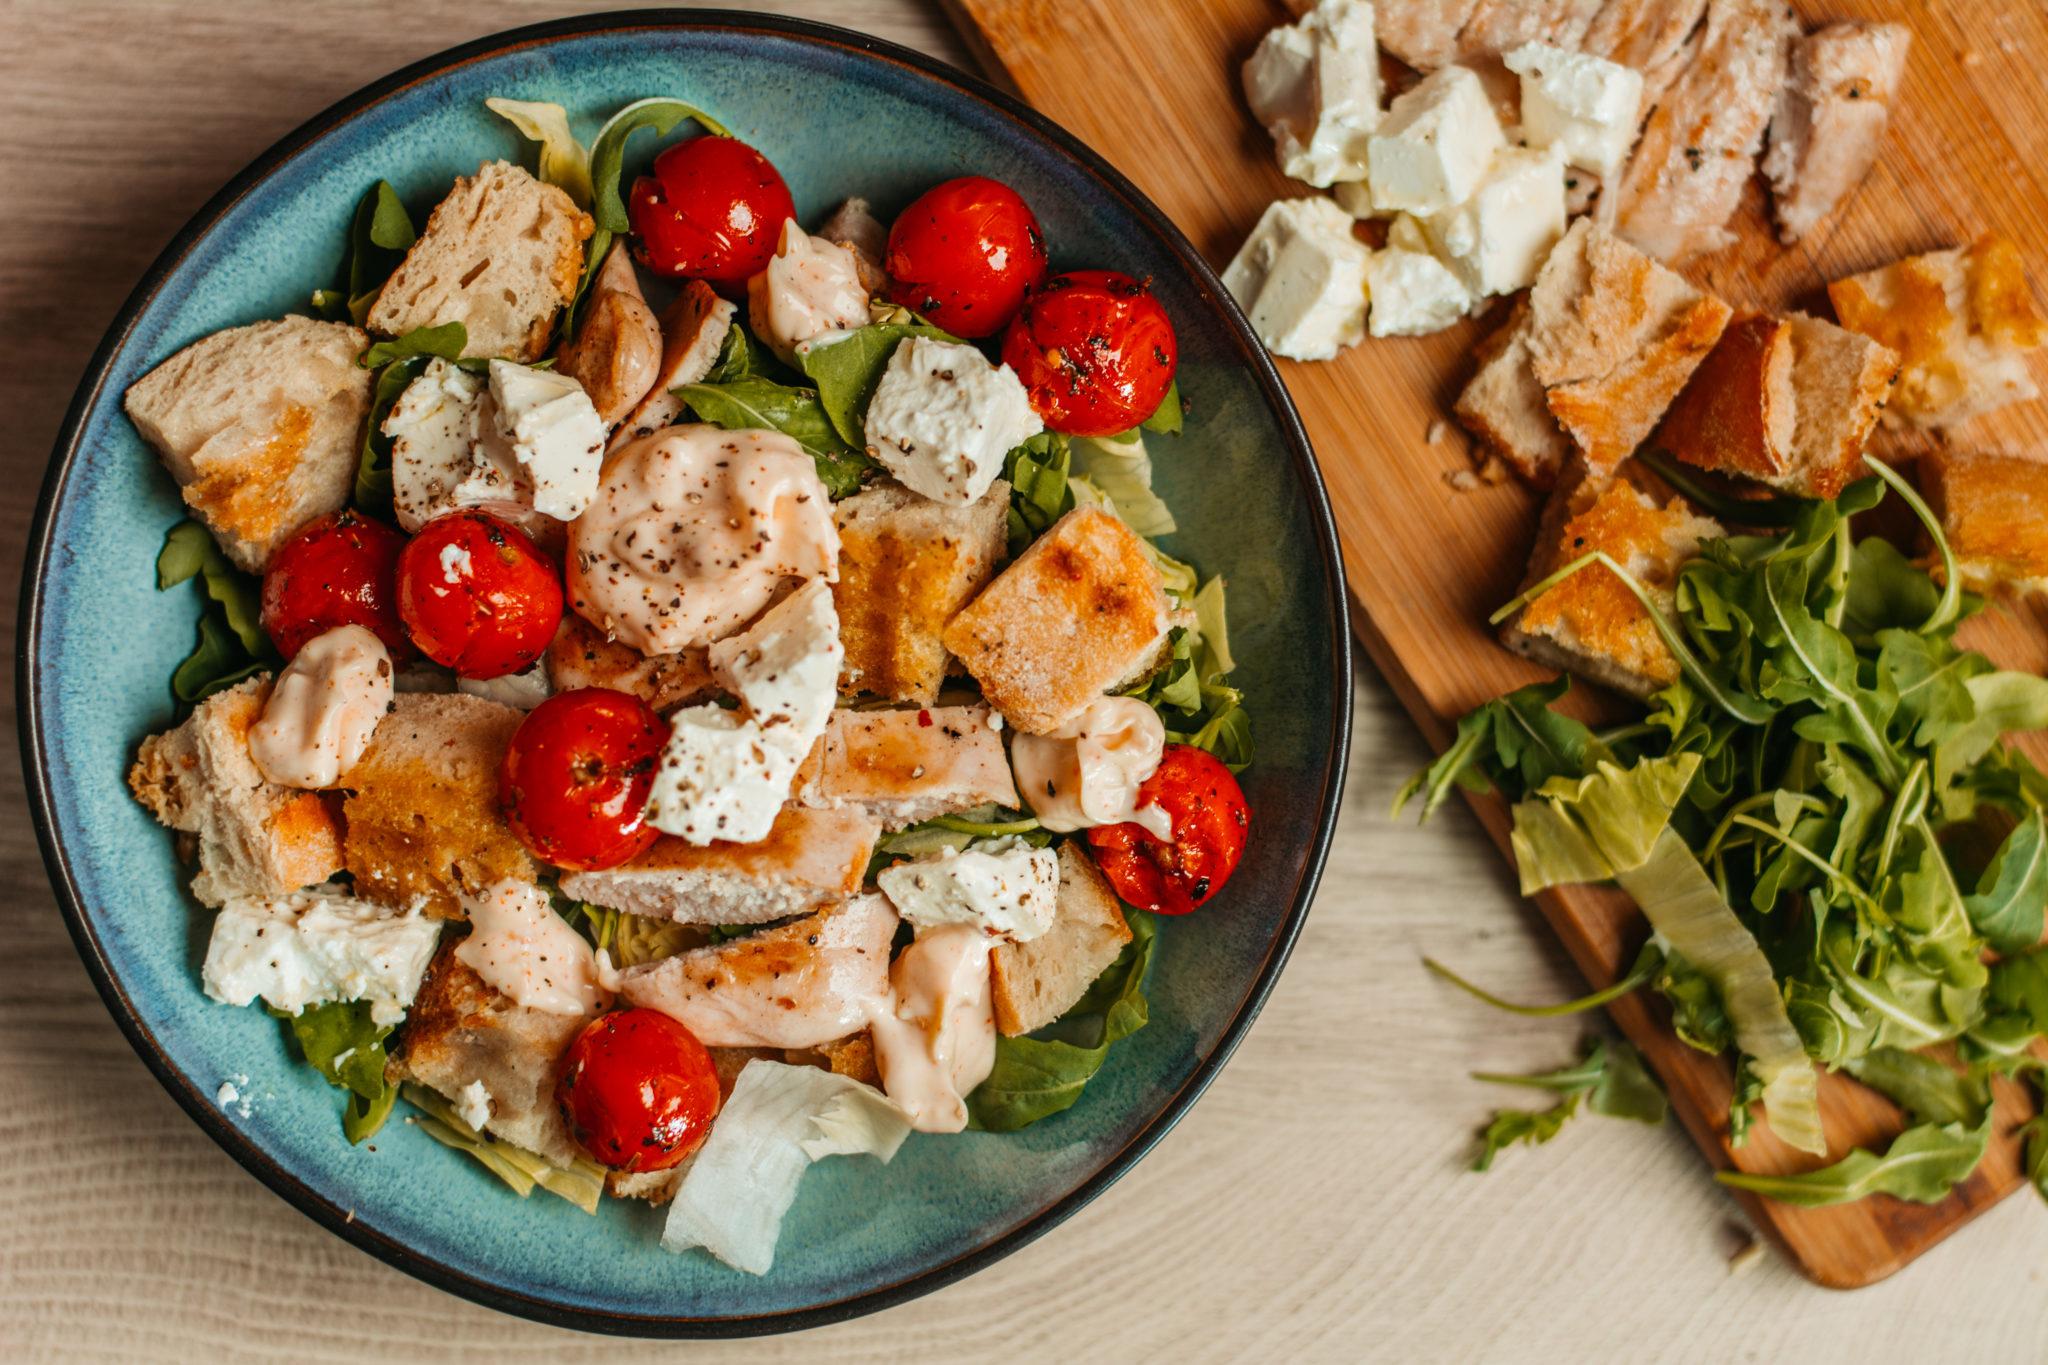 salata sa grilovanim ceri paradajzom i piletinom